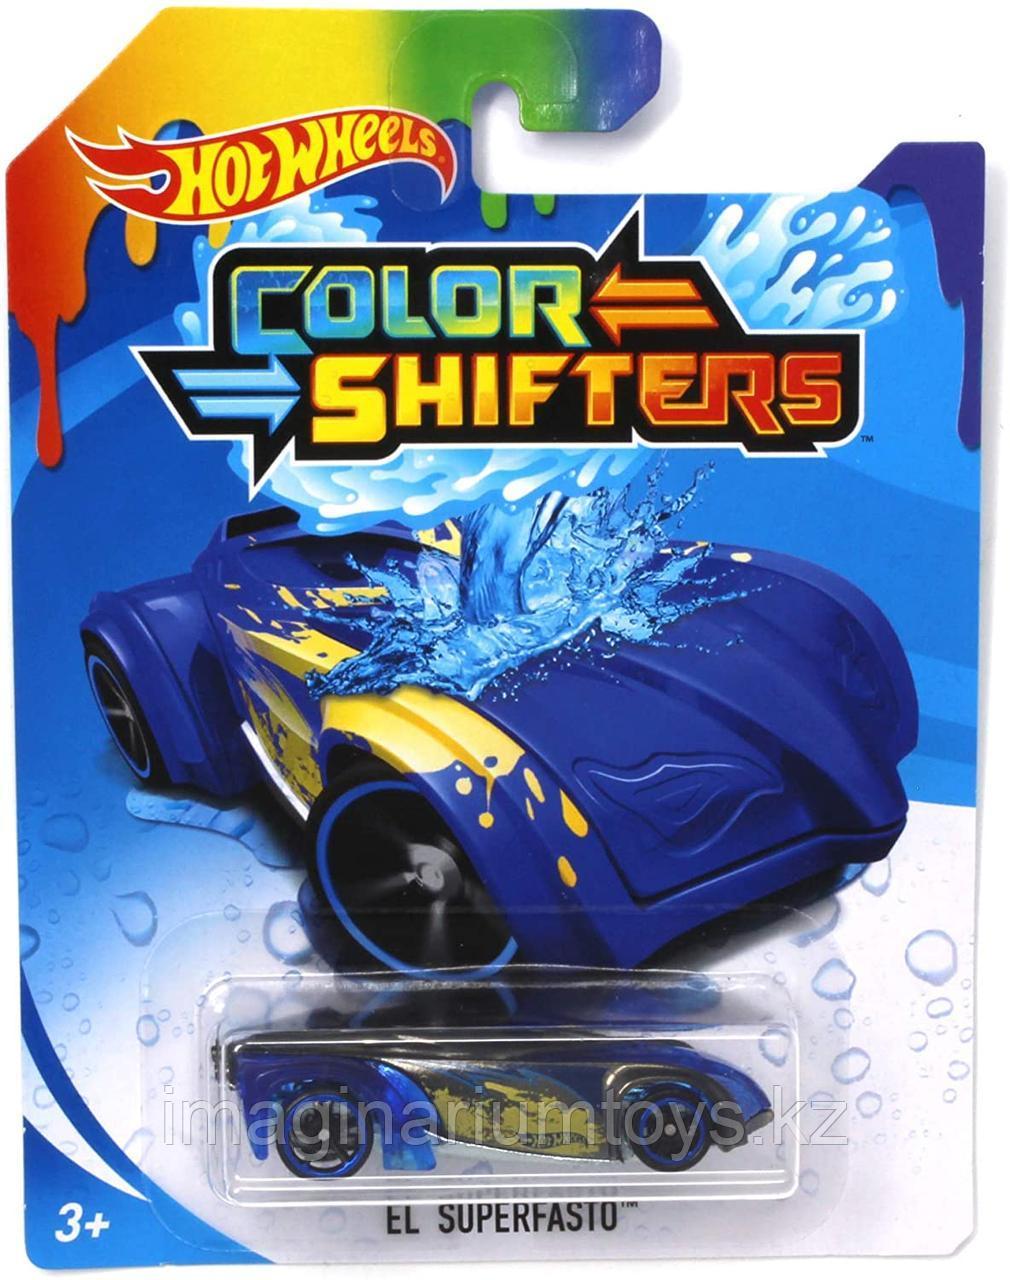 Машинки Hot Wheels Color Shifters меняет цвет сине-желтая